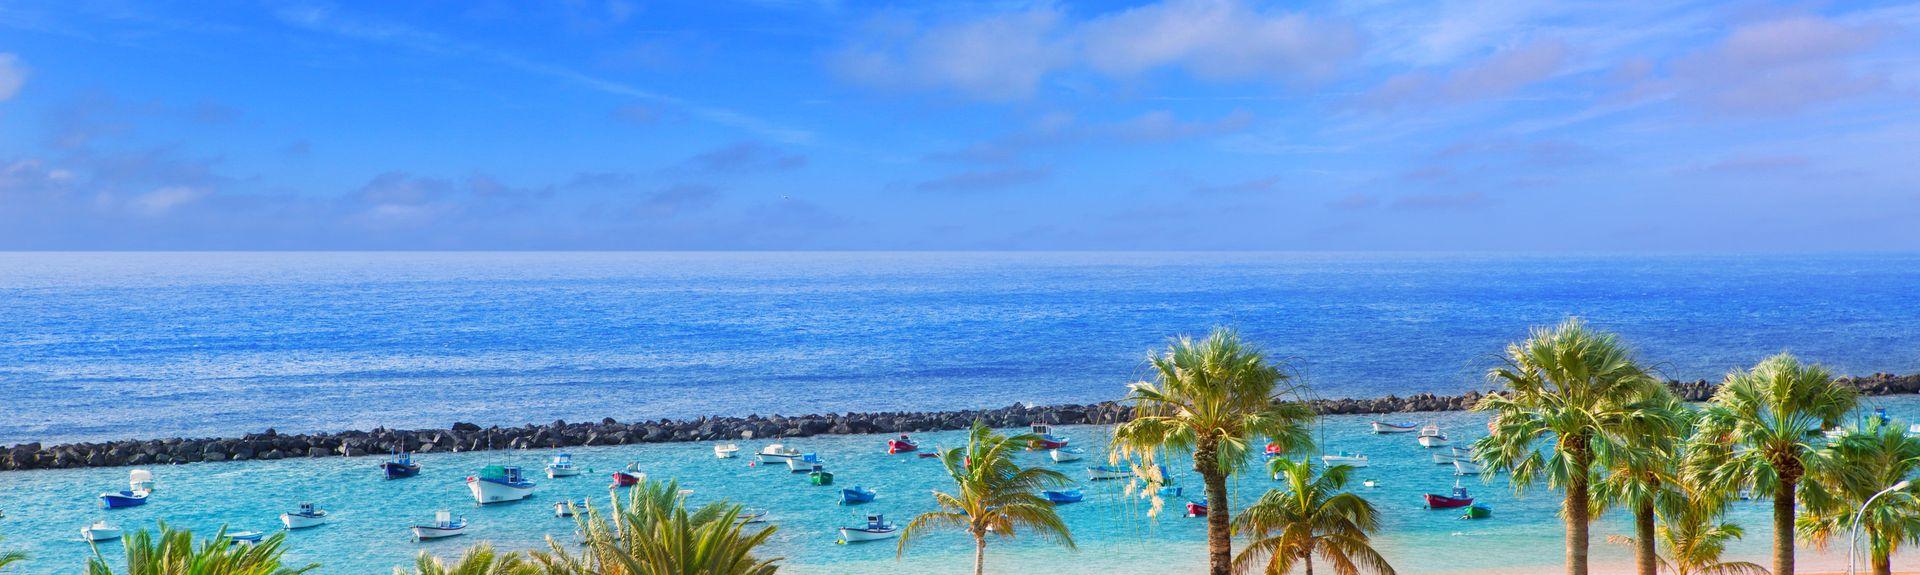 Teneriffa, Kanarieöarna, Spanien